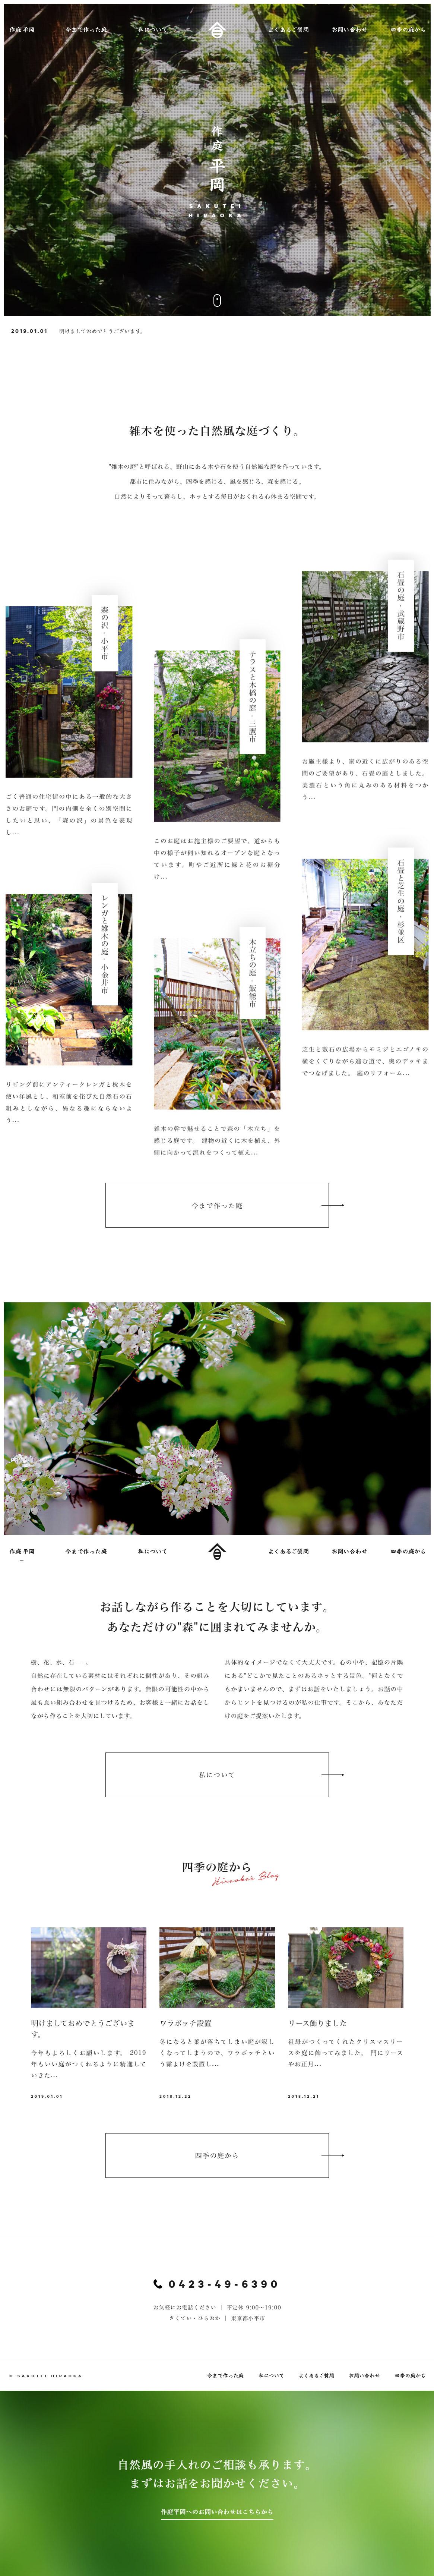 雑木の庭なら 作庭平岡